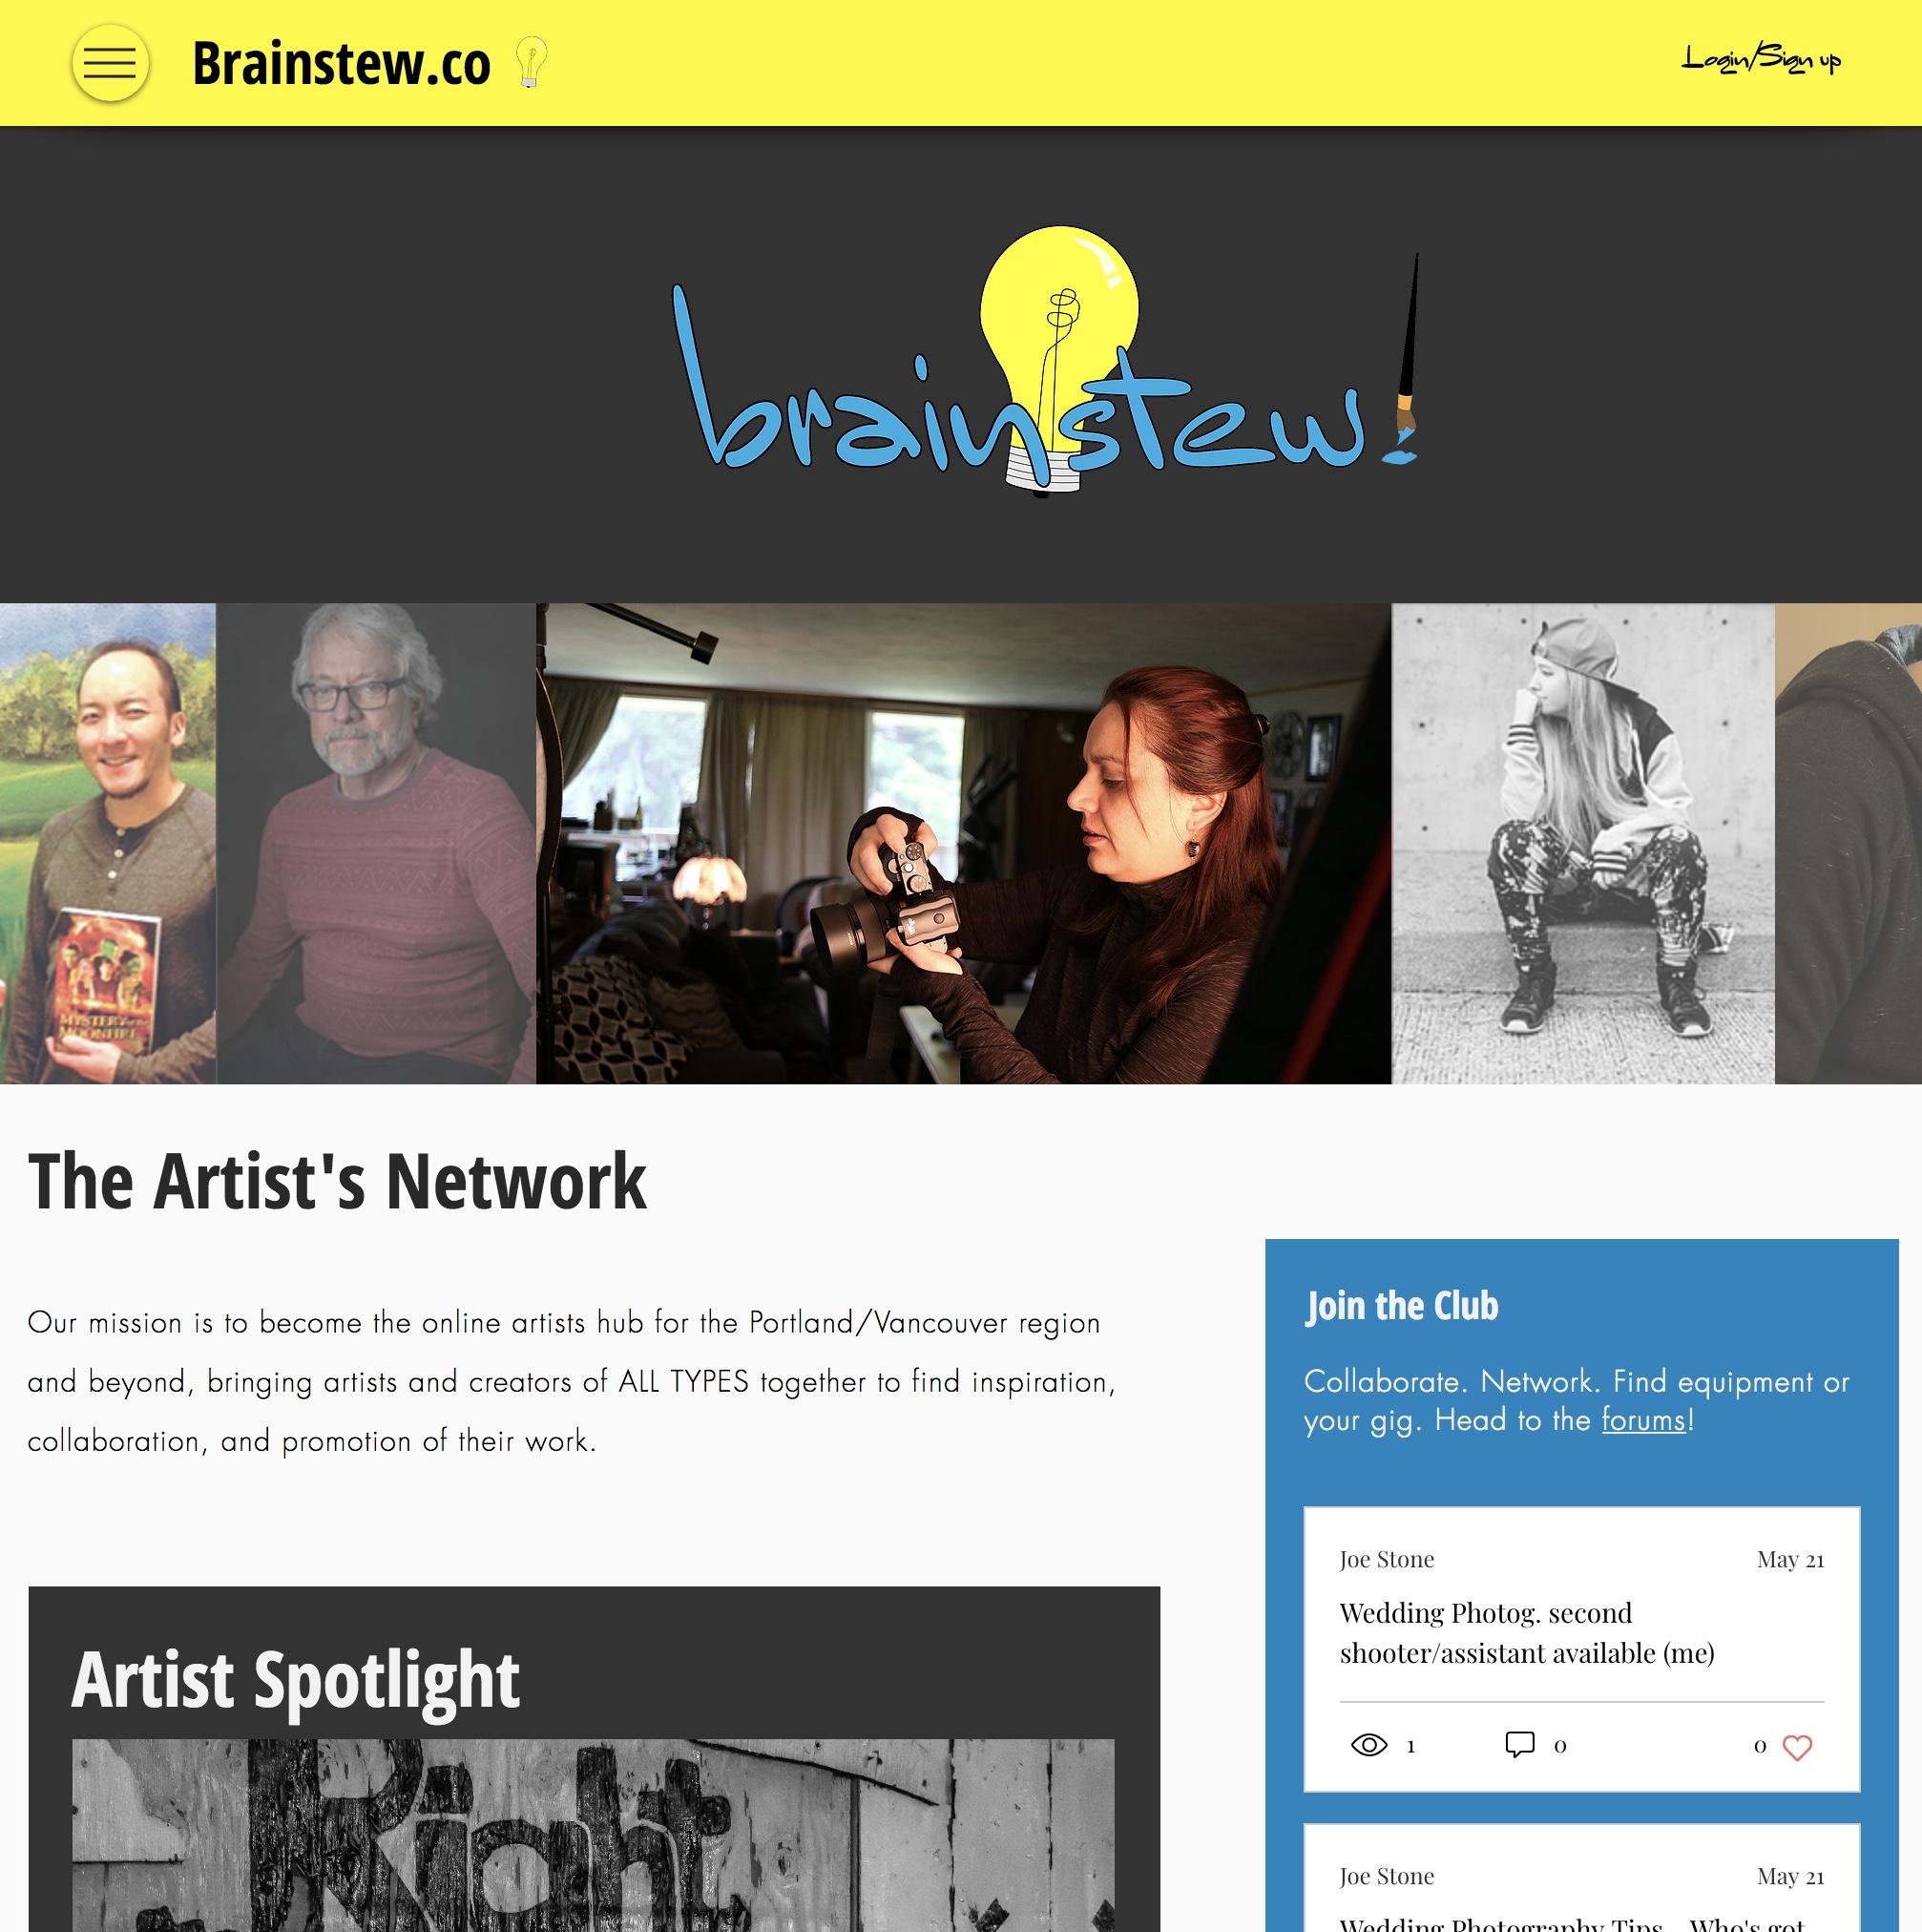 Brainstew